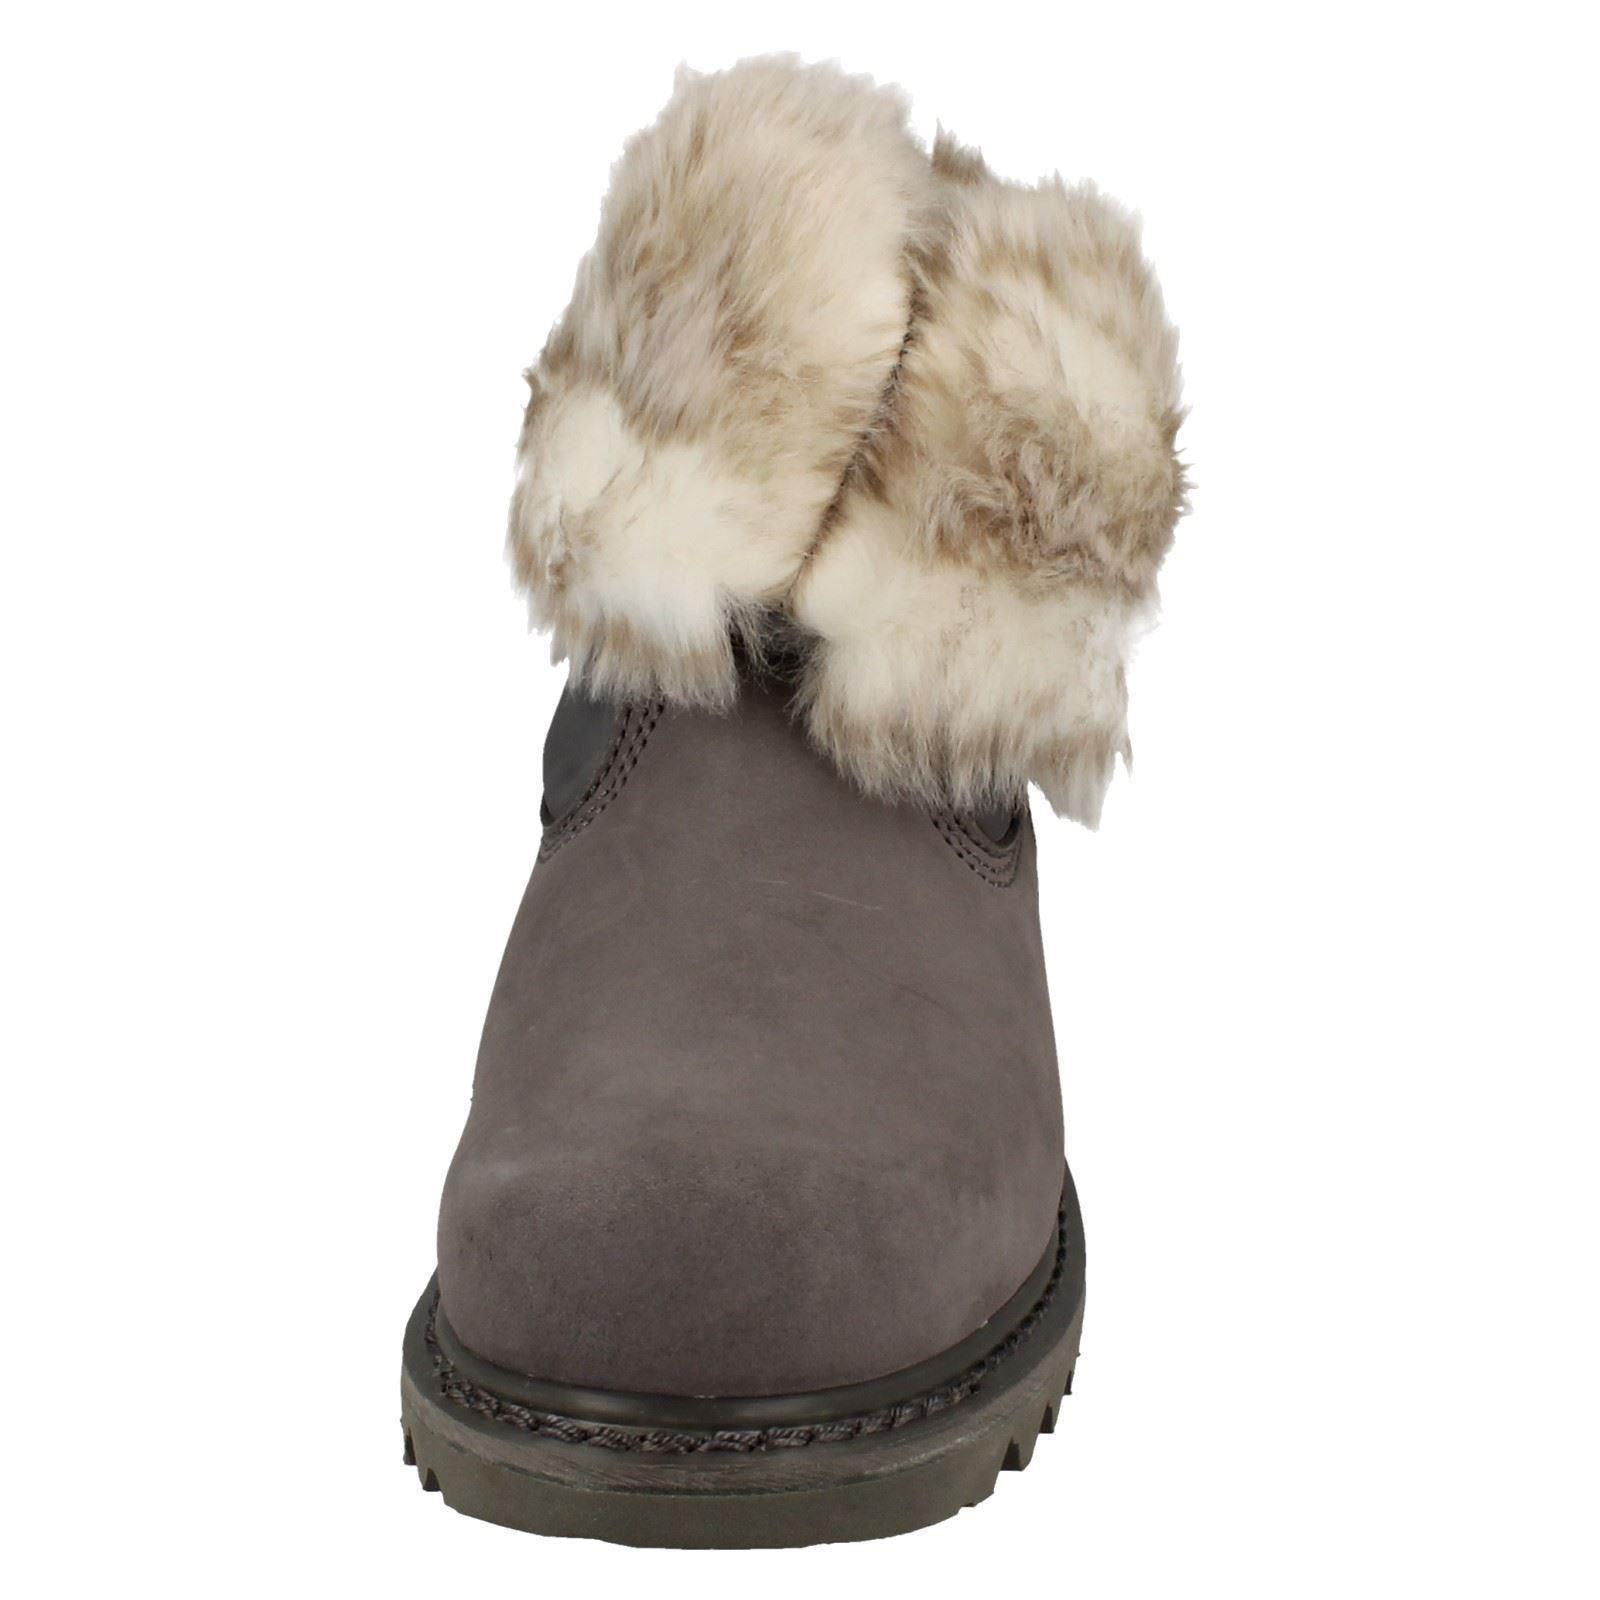 Zapatos especiales con descuento Ladies Caterpillar Wide Fit Warm Fur Boots Bruiser Scrunch Fur Label ~ K